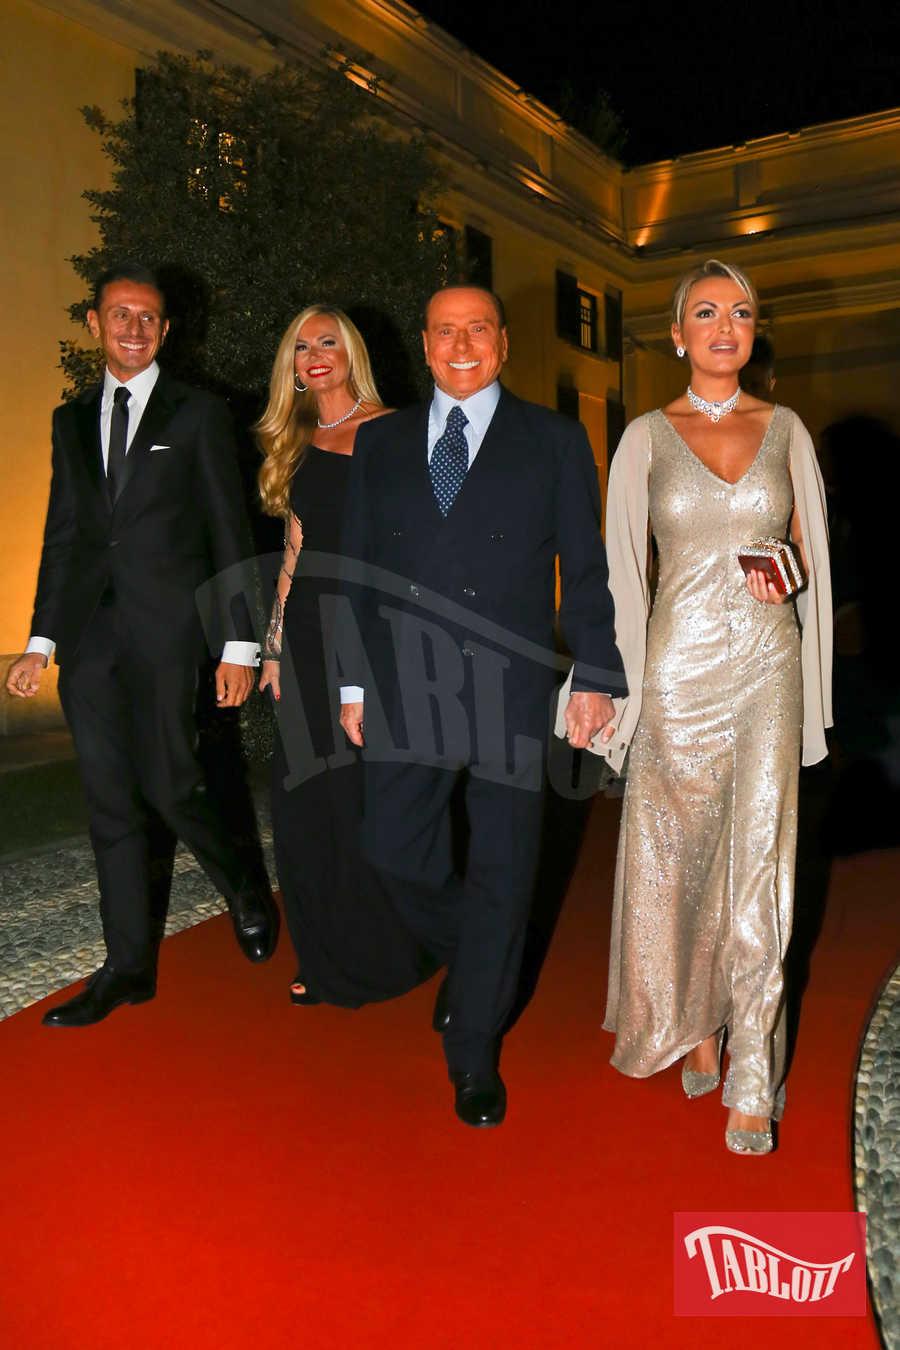 Marco Bacini, Federica Panicucci, Silvio Berlusconi e Francesca Pascale all'evento Swarovski